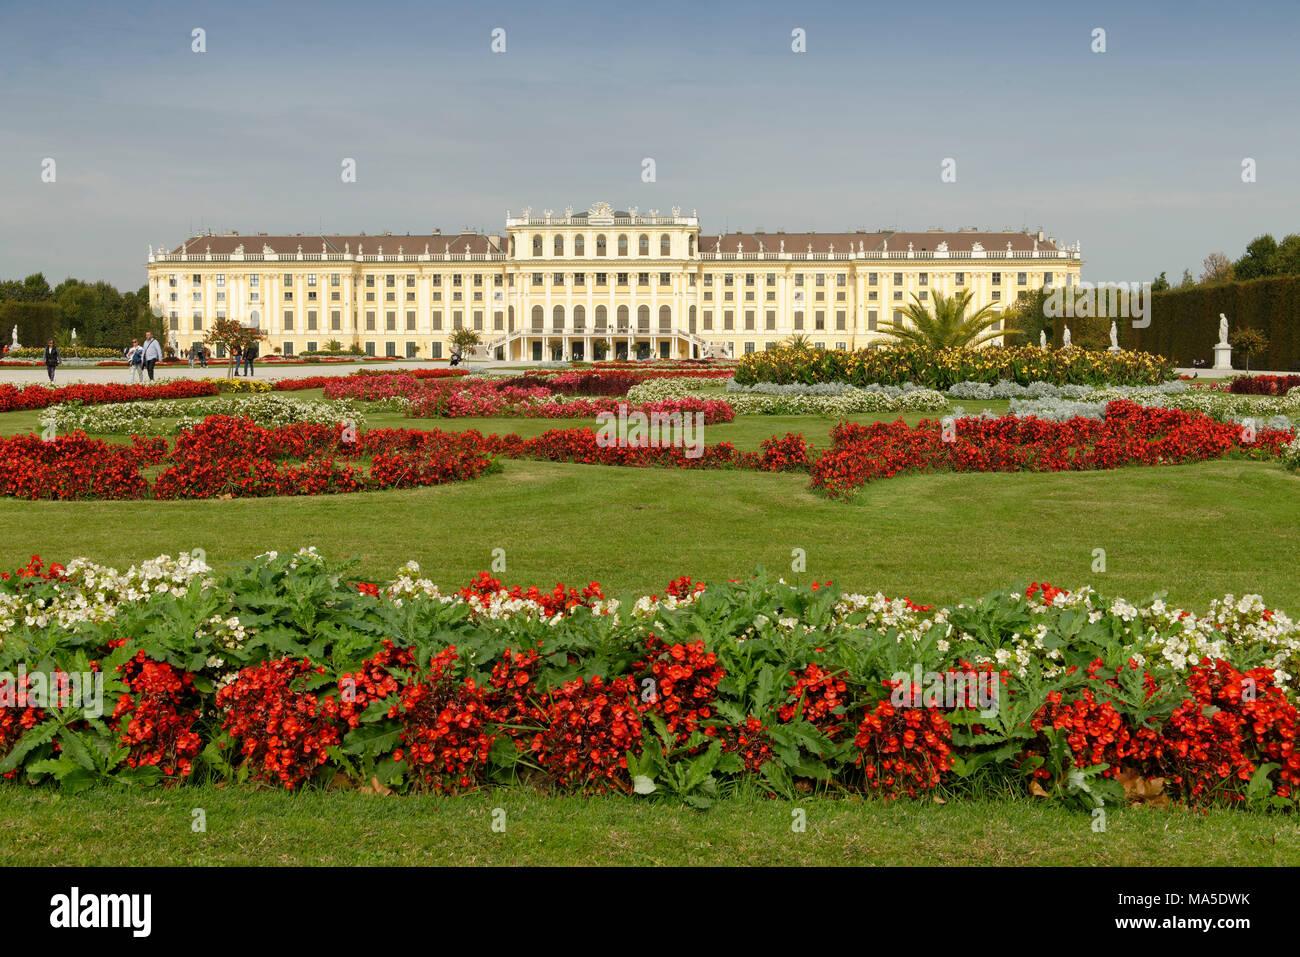 Schönbrunn Palace with palace grounds, Vienna, Austria - Stock Image